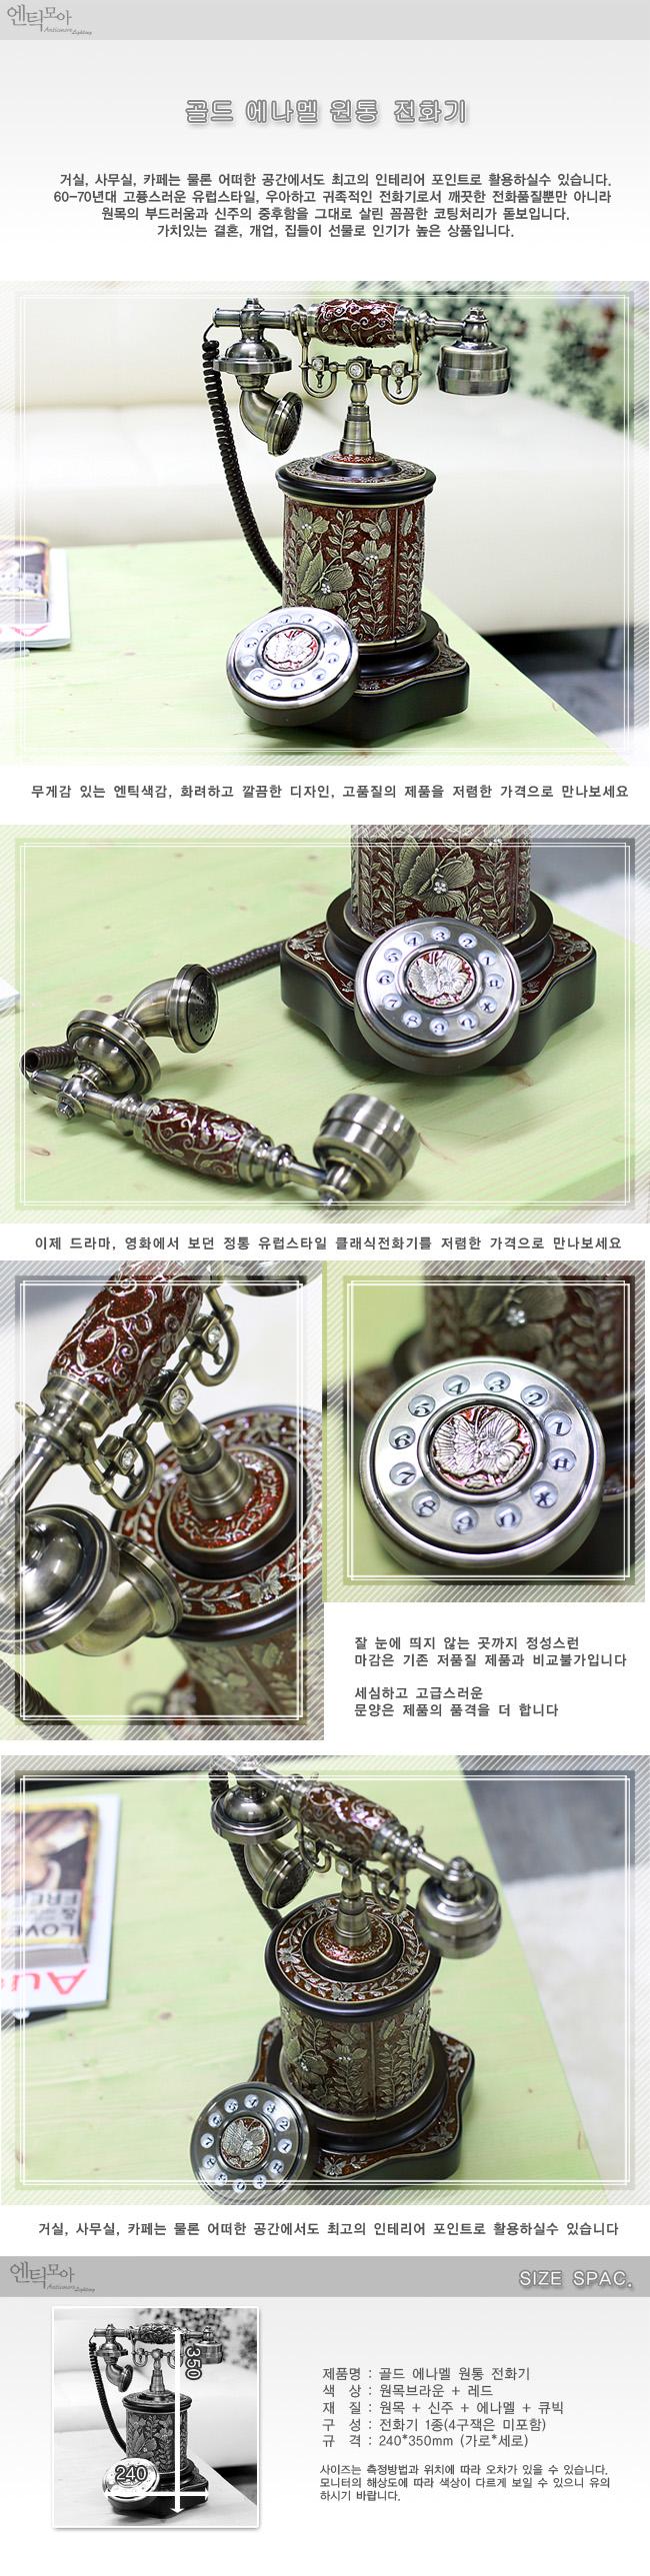 골드 에나멜 원통 전화기 - 데코플러스, 213,750원, 인테리어전화기, 데스크용